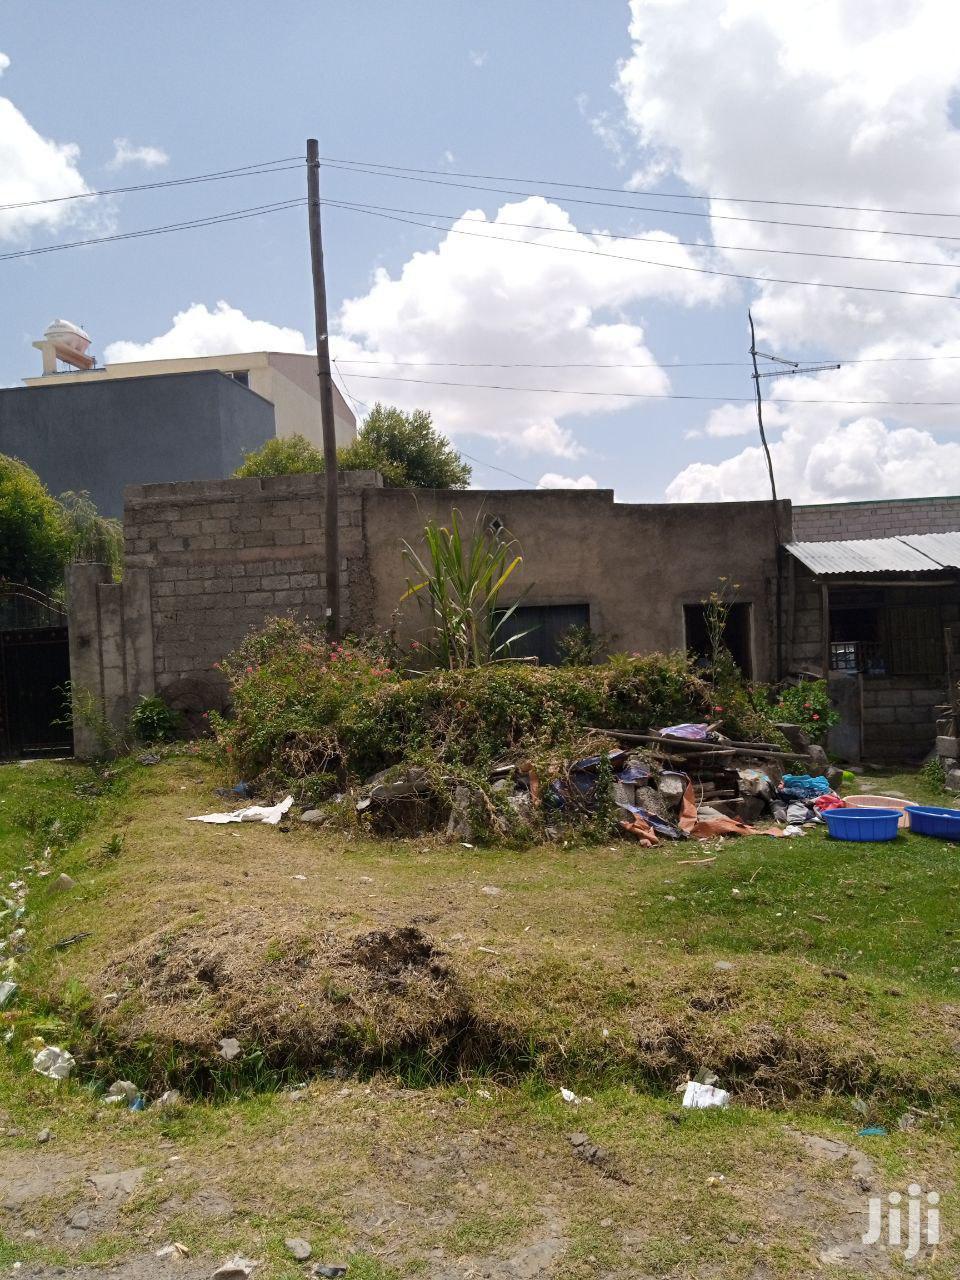 የሚሸጥ ቦታ የድሮው ካርታ አያት ዞን አምስት አካባቢ | Land & Plots For Sale for sale in Bole, Addis Ababa, Ethiopia